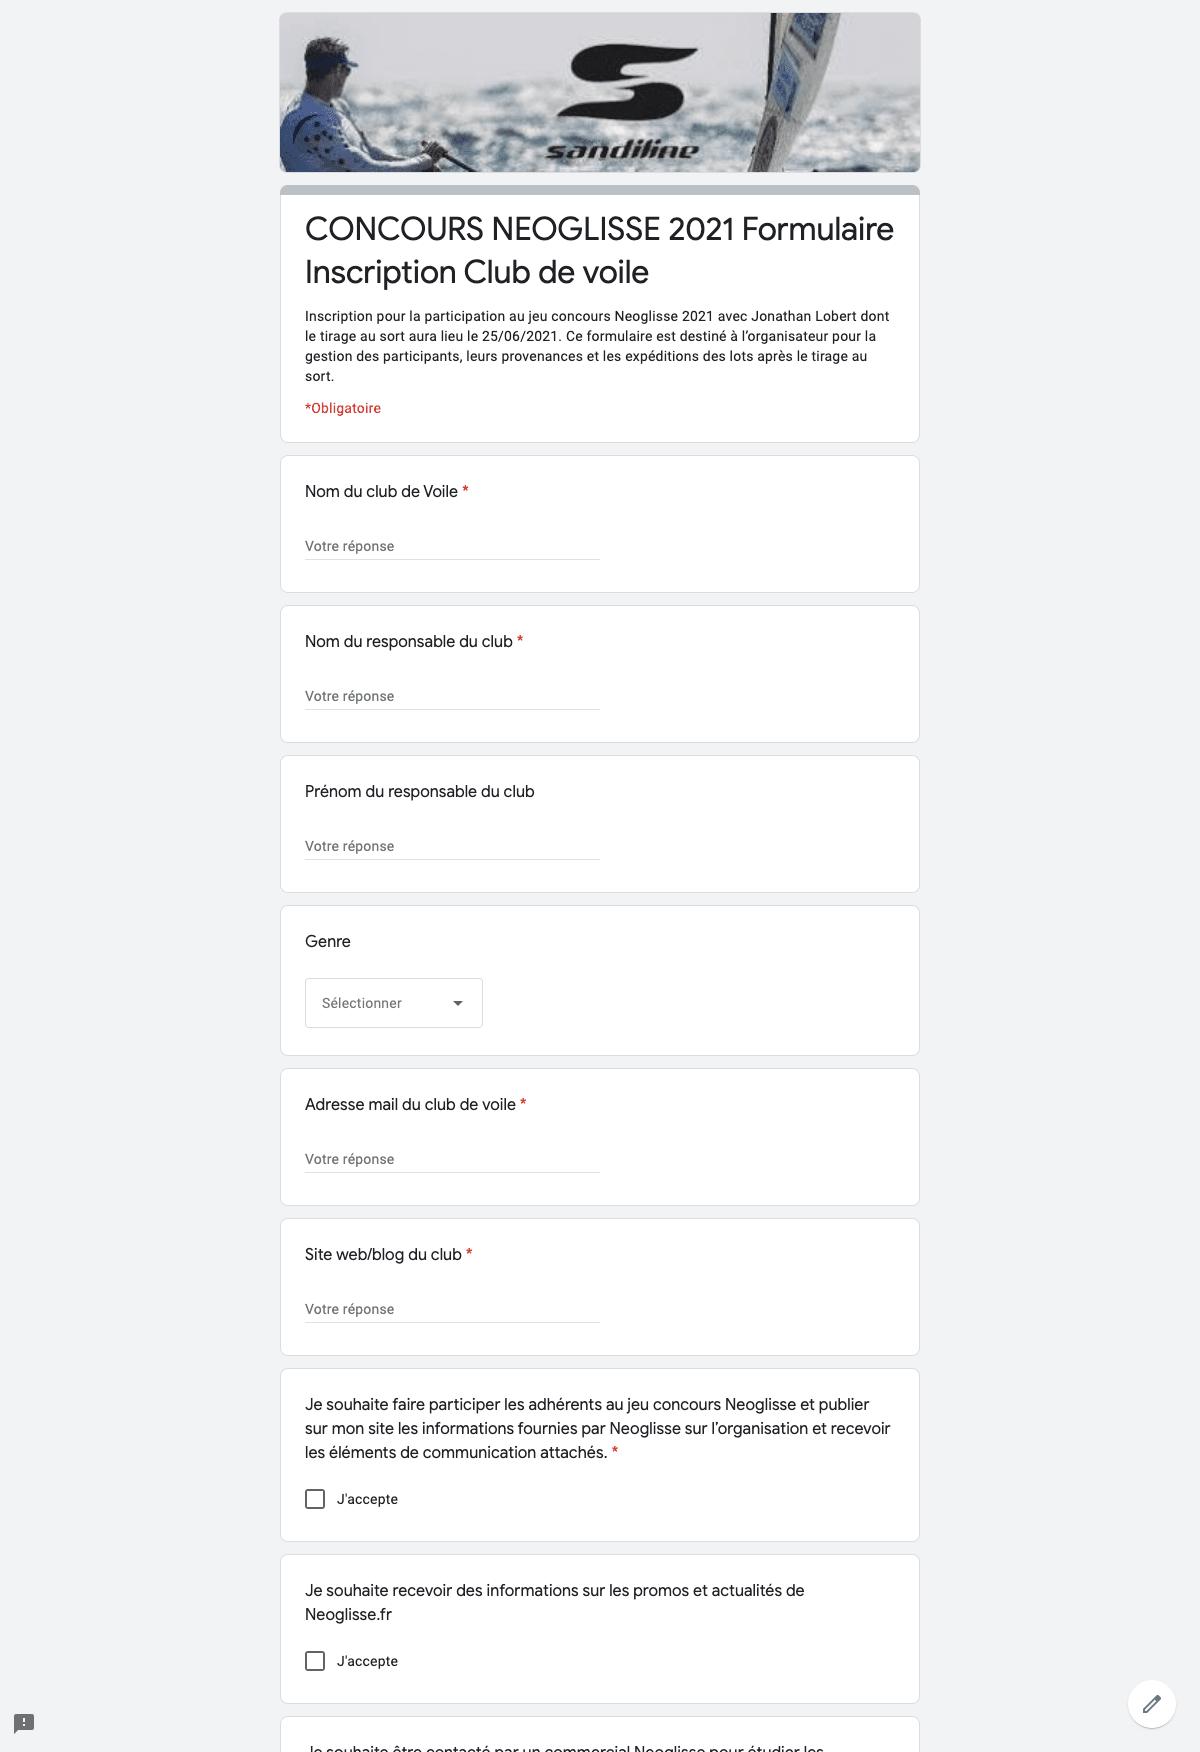 Organisation de jeu concours